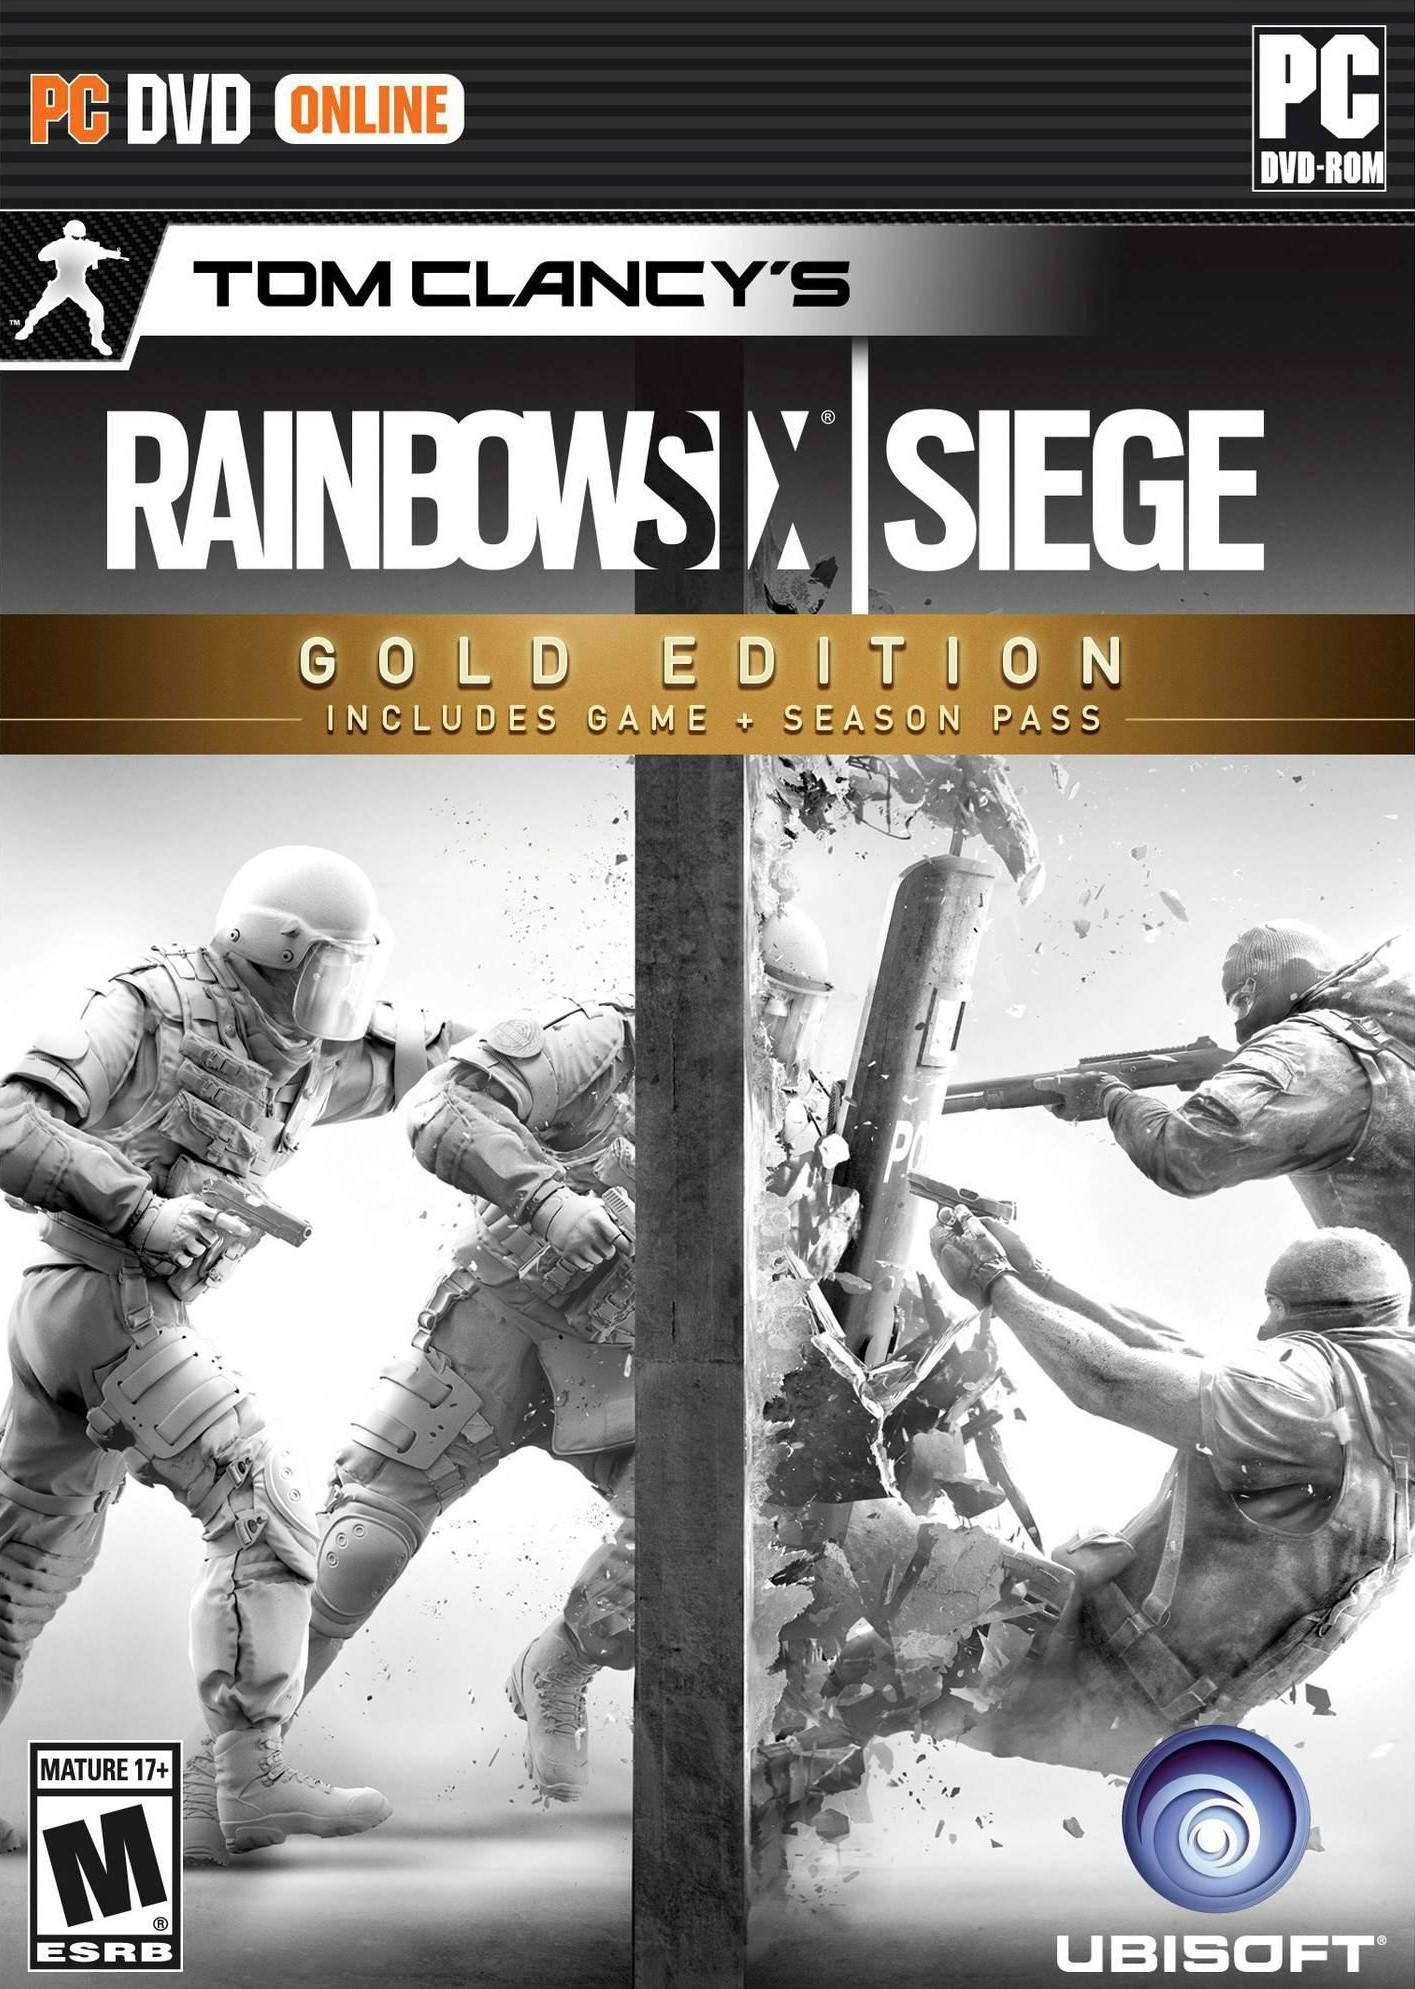 دانلود بازی جدید Tom Clancys Rainbow Six Siege برای کامپیوتر با لینک مستقیم